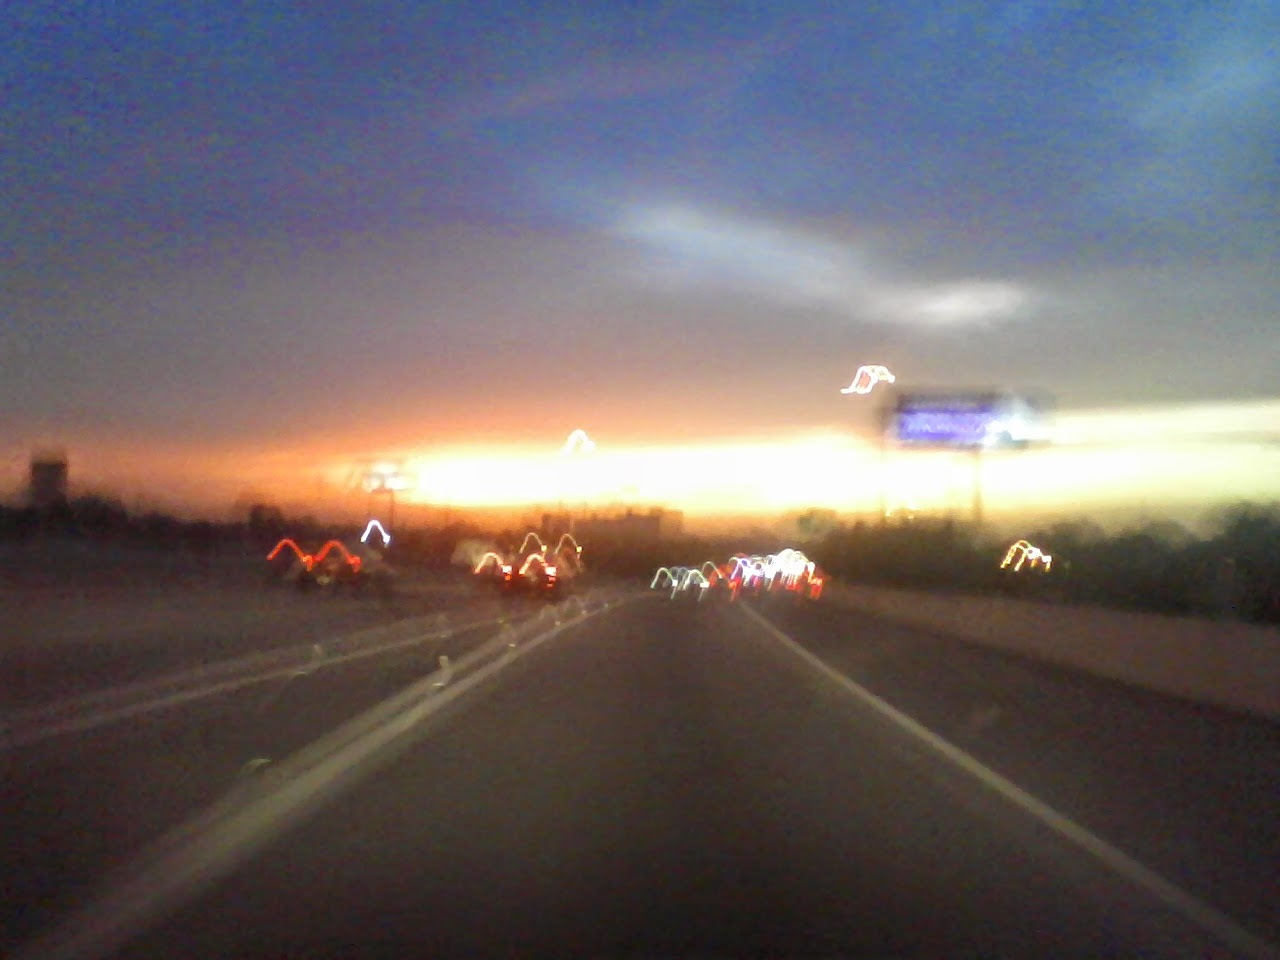 Sky - 1111062612.jpg